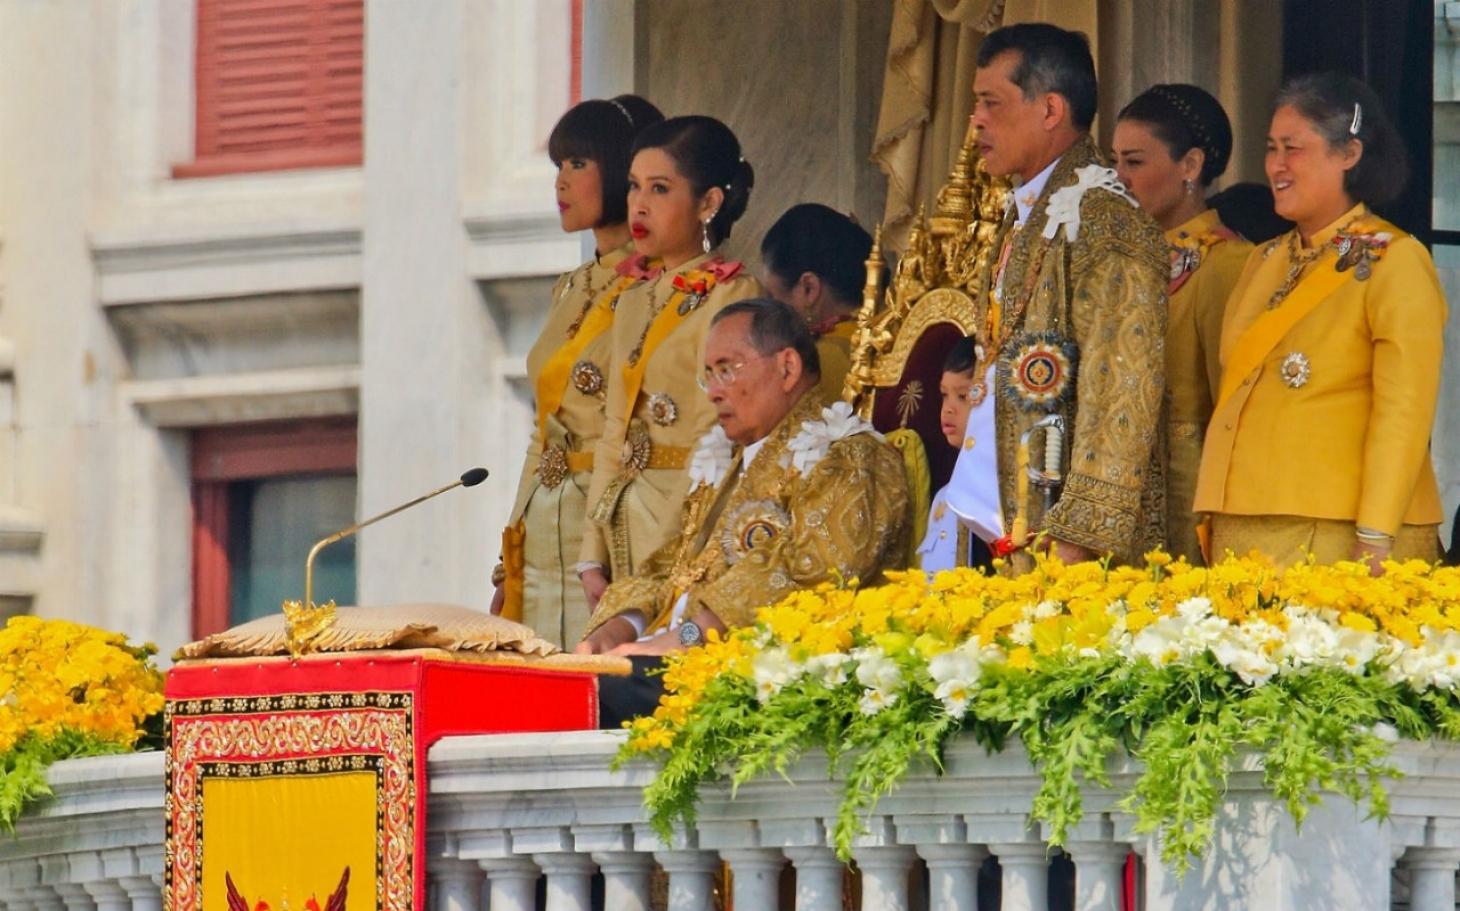 4 thairoyal